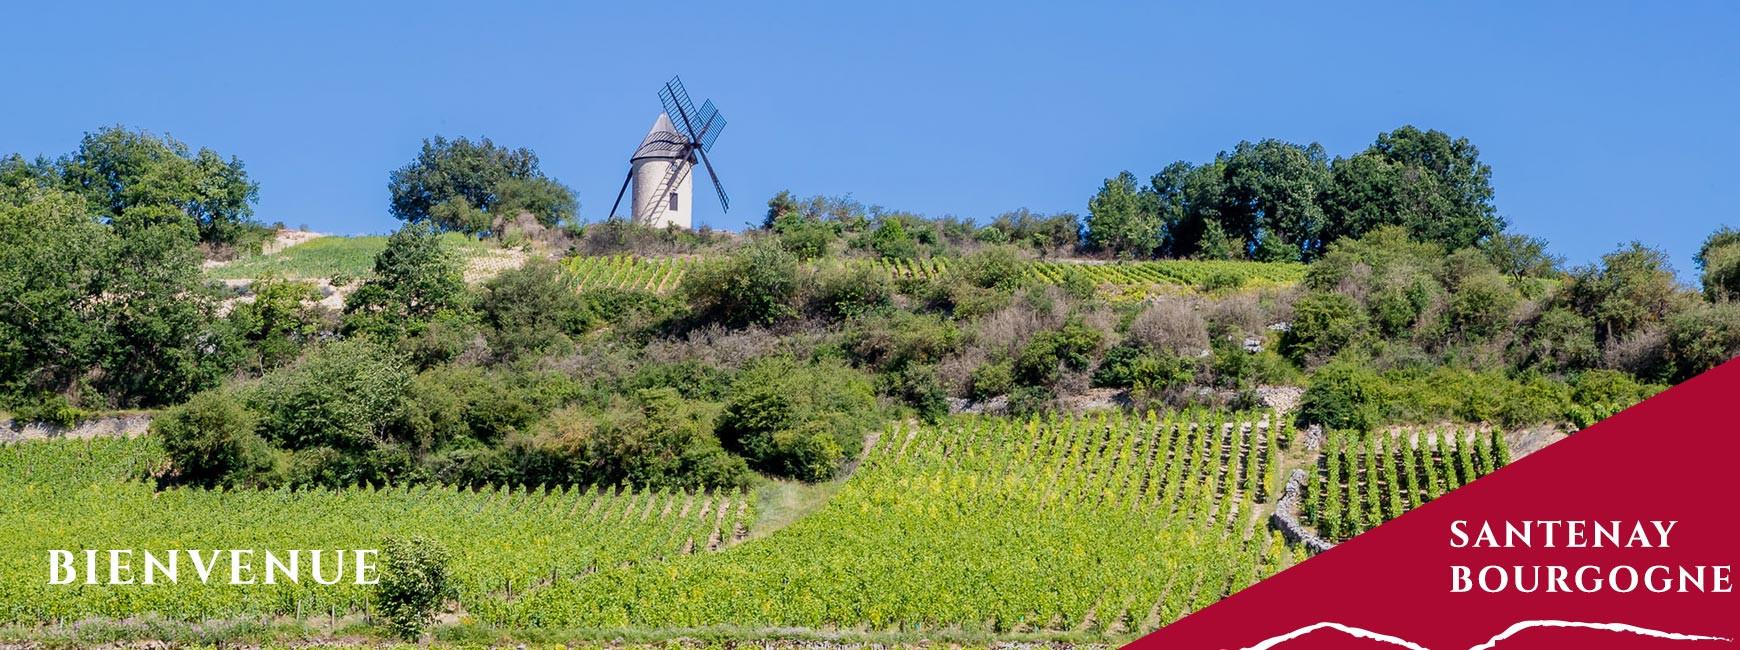 Bienvenue au domaine Mestre père et fils à Santenay en Bourgogne